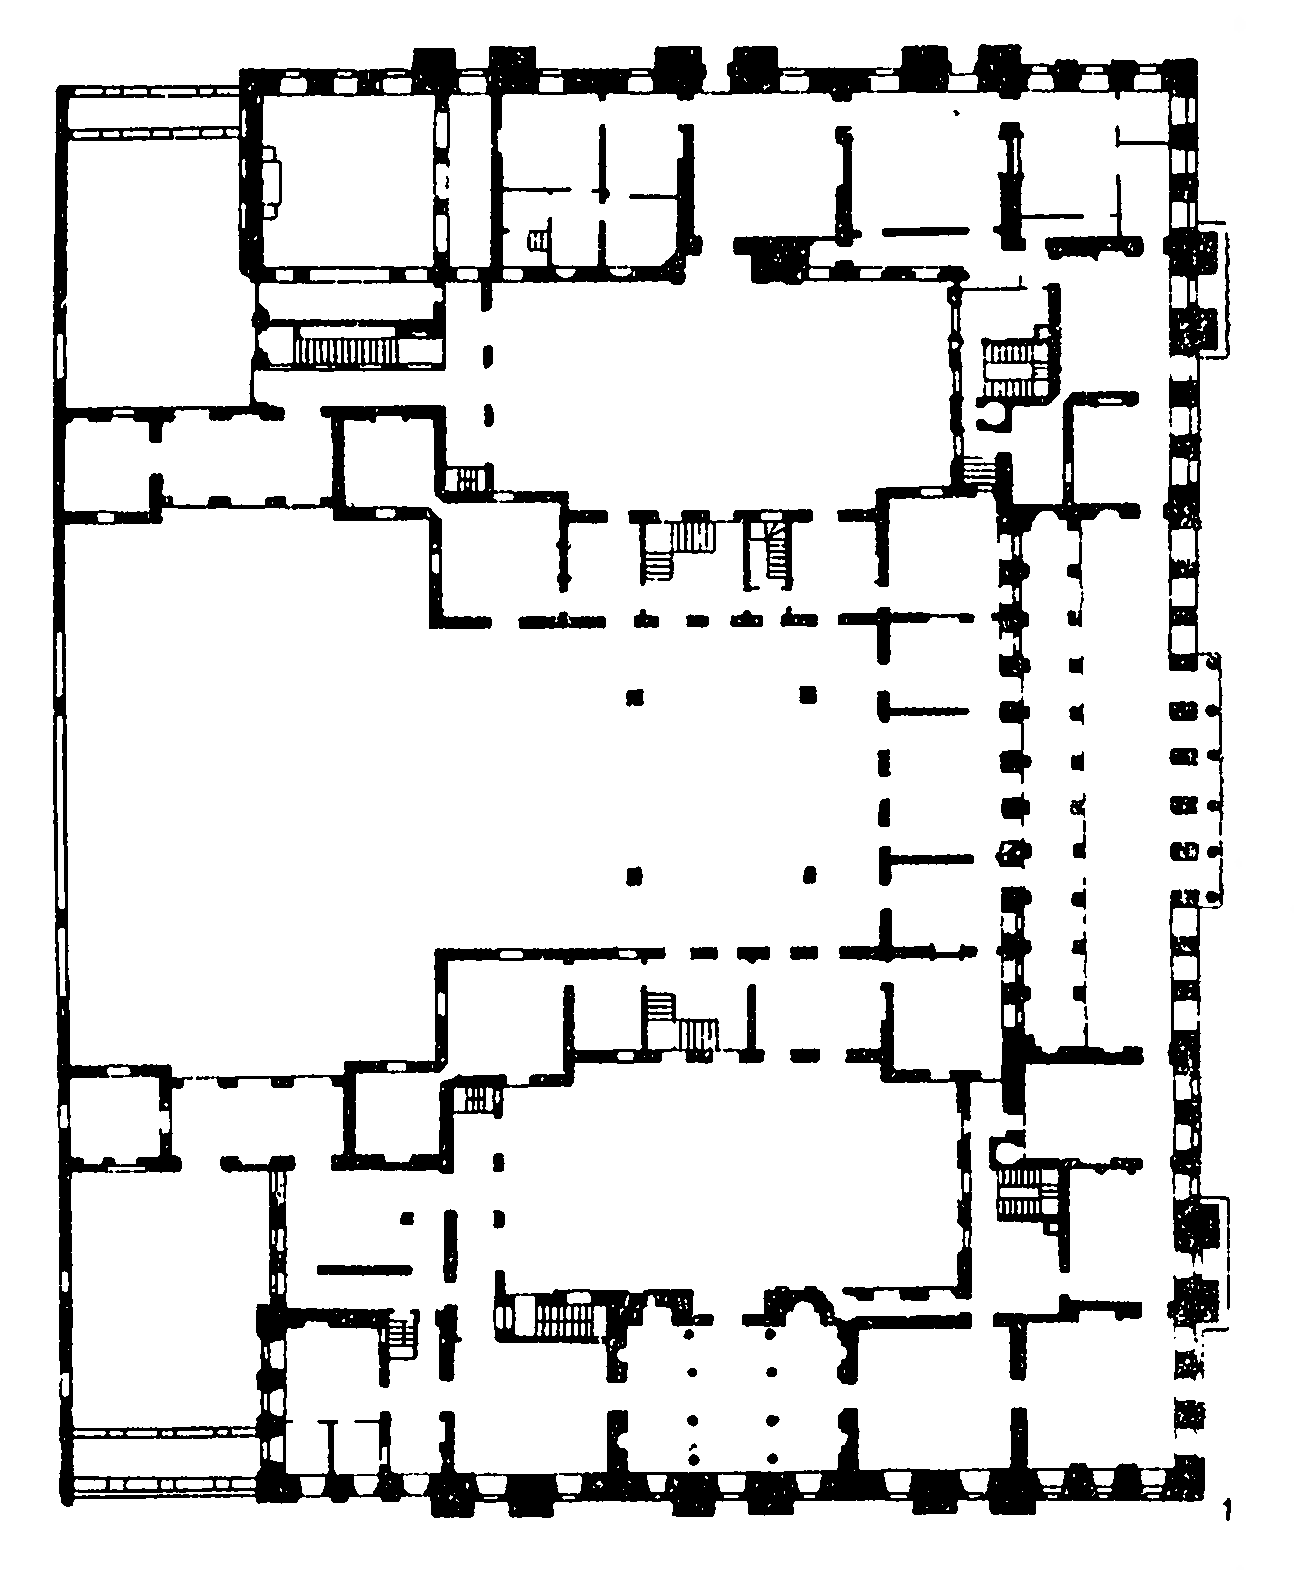 планировка двора хозяйственных построек схема